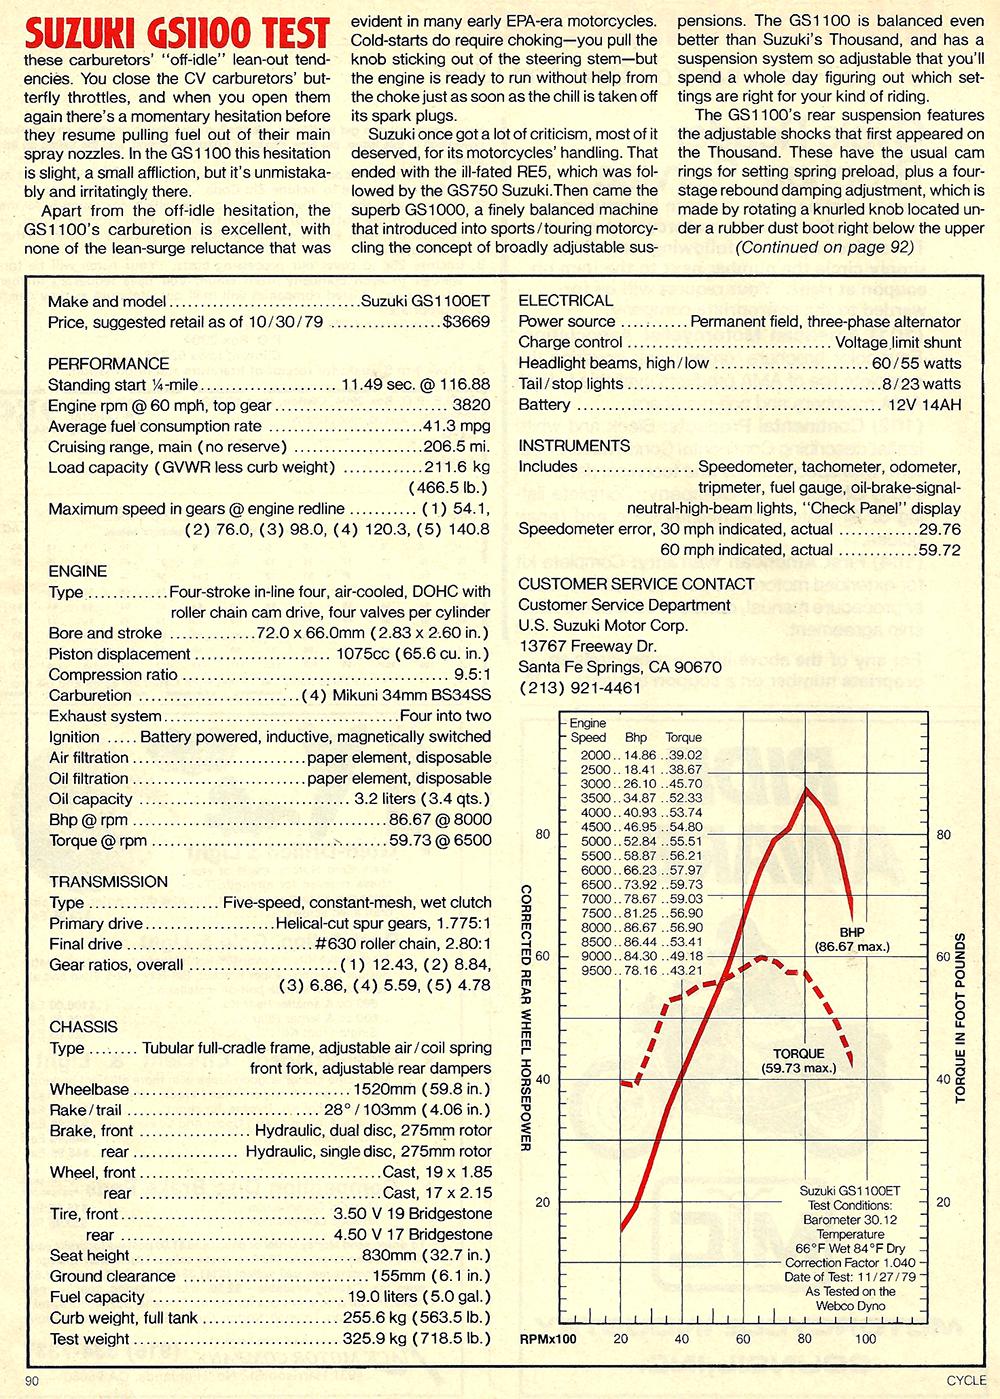 1980 Suzuki GS1100 ET road test 09.jpg